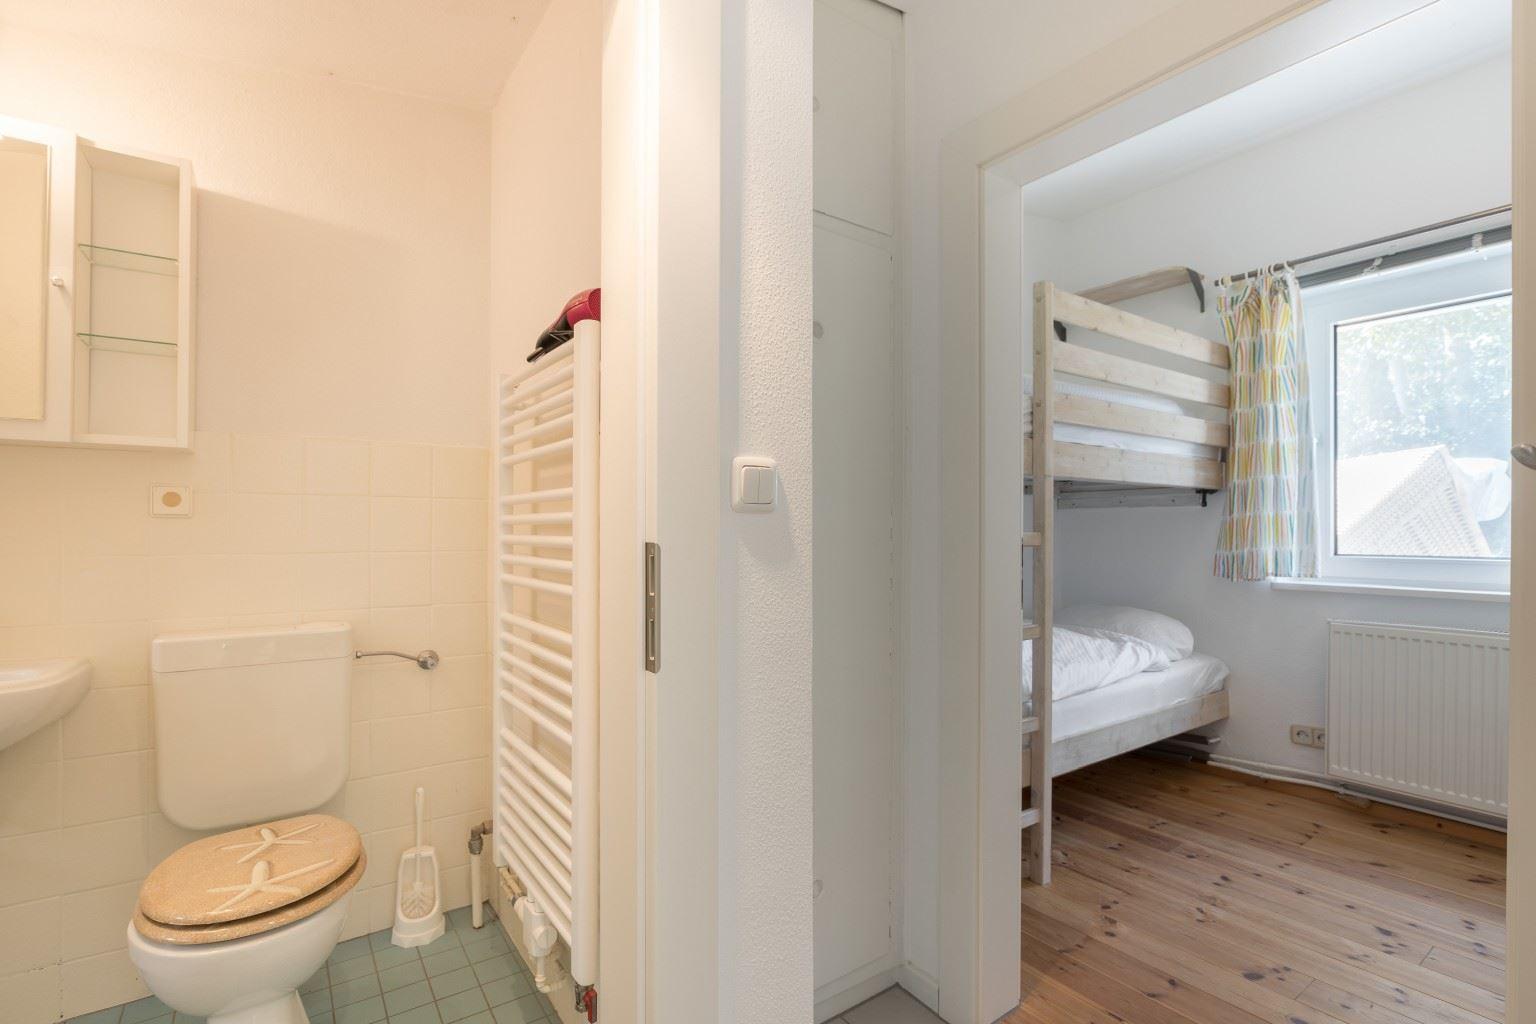 Flur, Badezimmer und Schlafzimmer